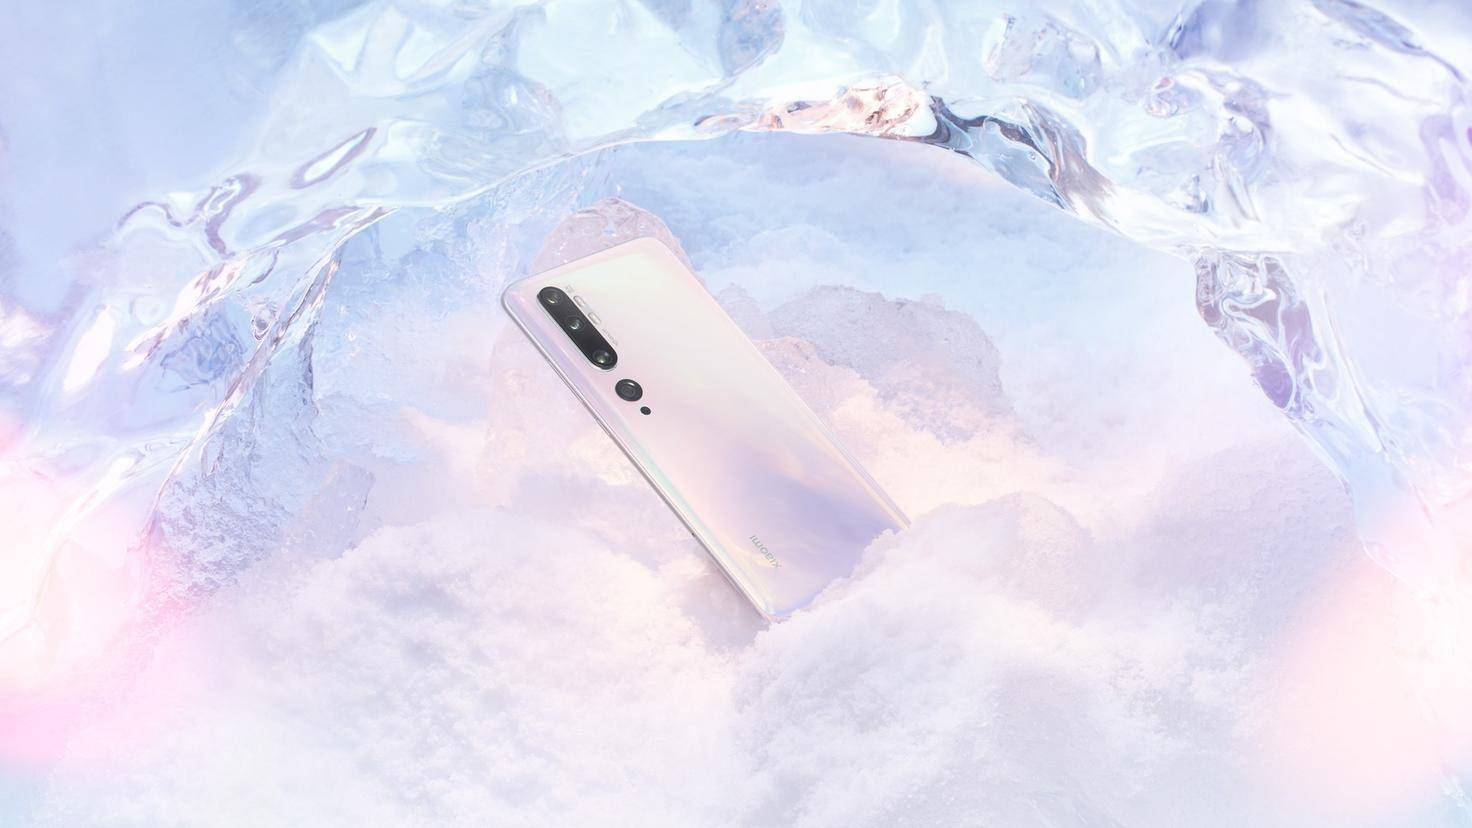 xiaomi-mi-note-10-neige